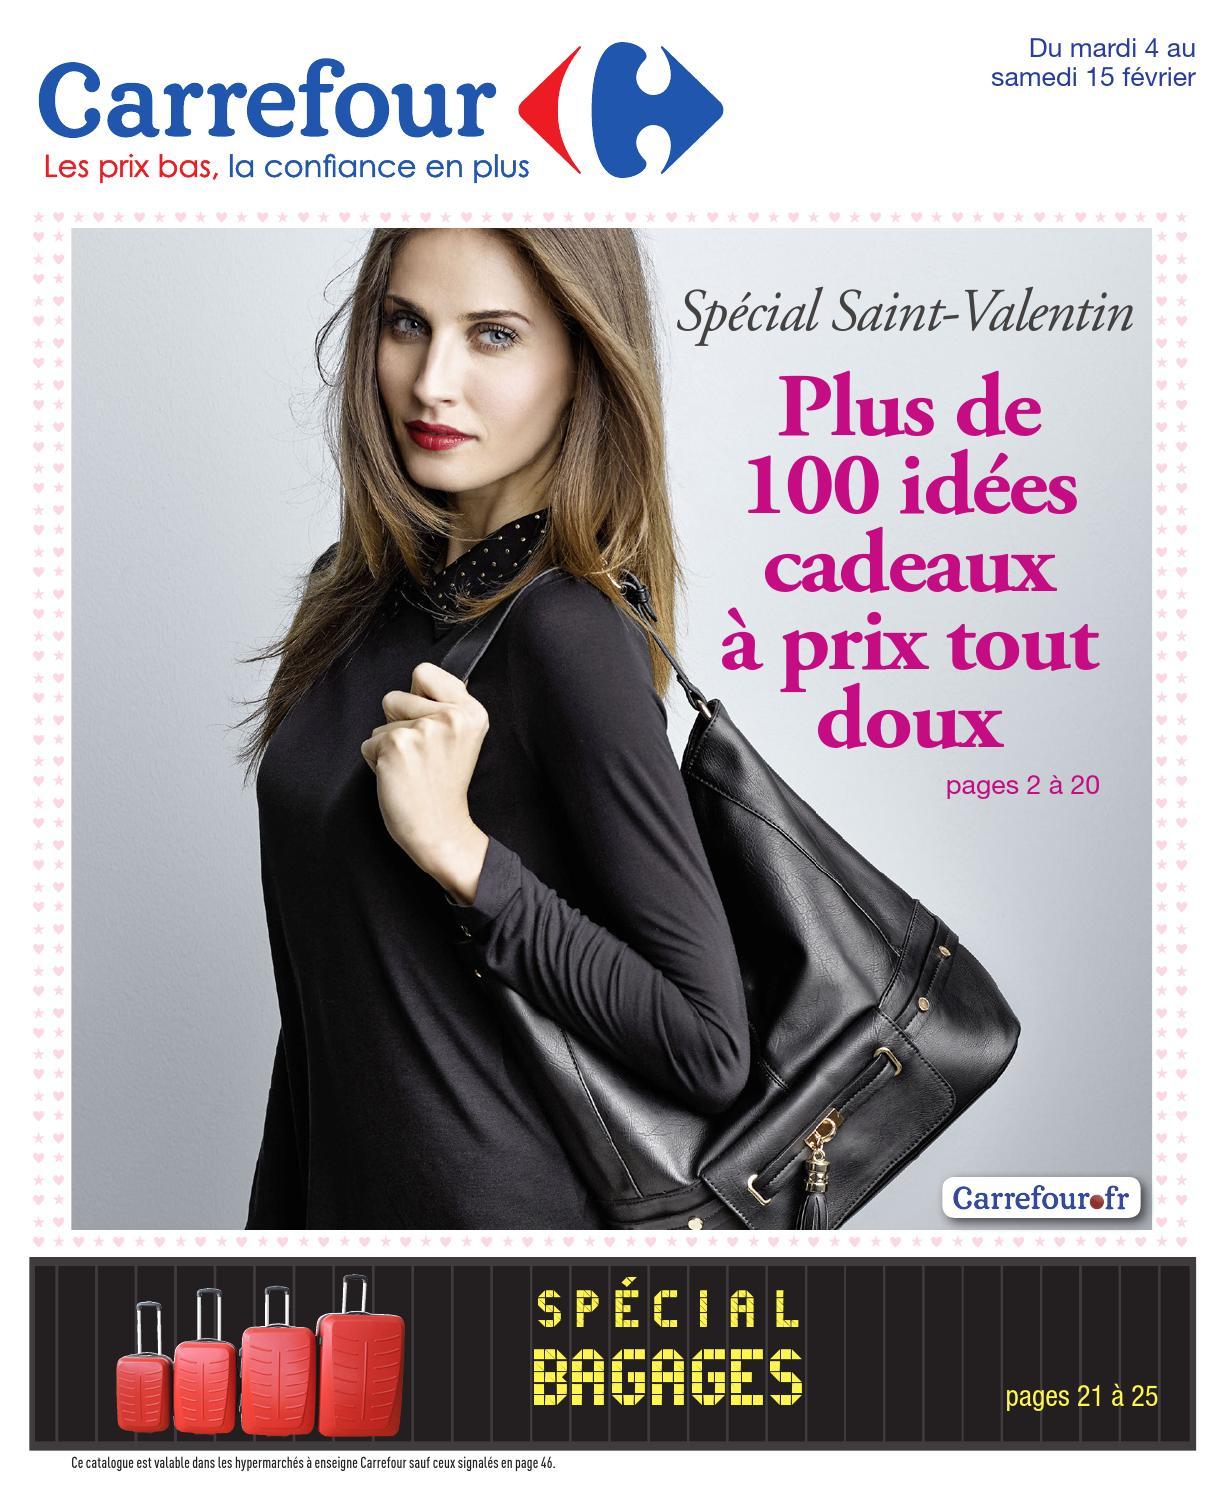 Catalogue Carrefour 4 15 02 2014 By Joe Monroe Issuu